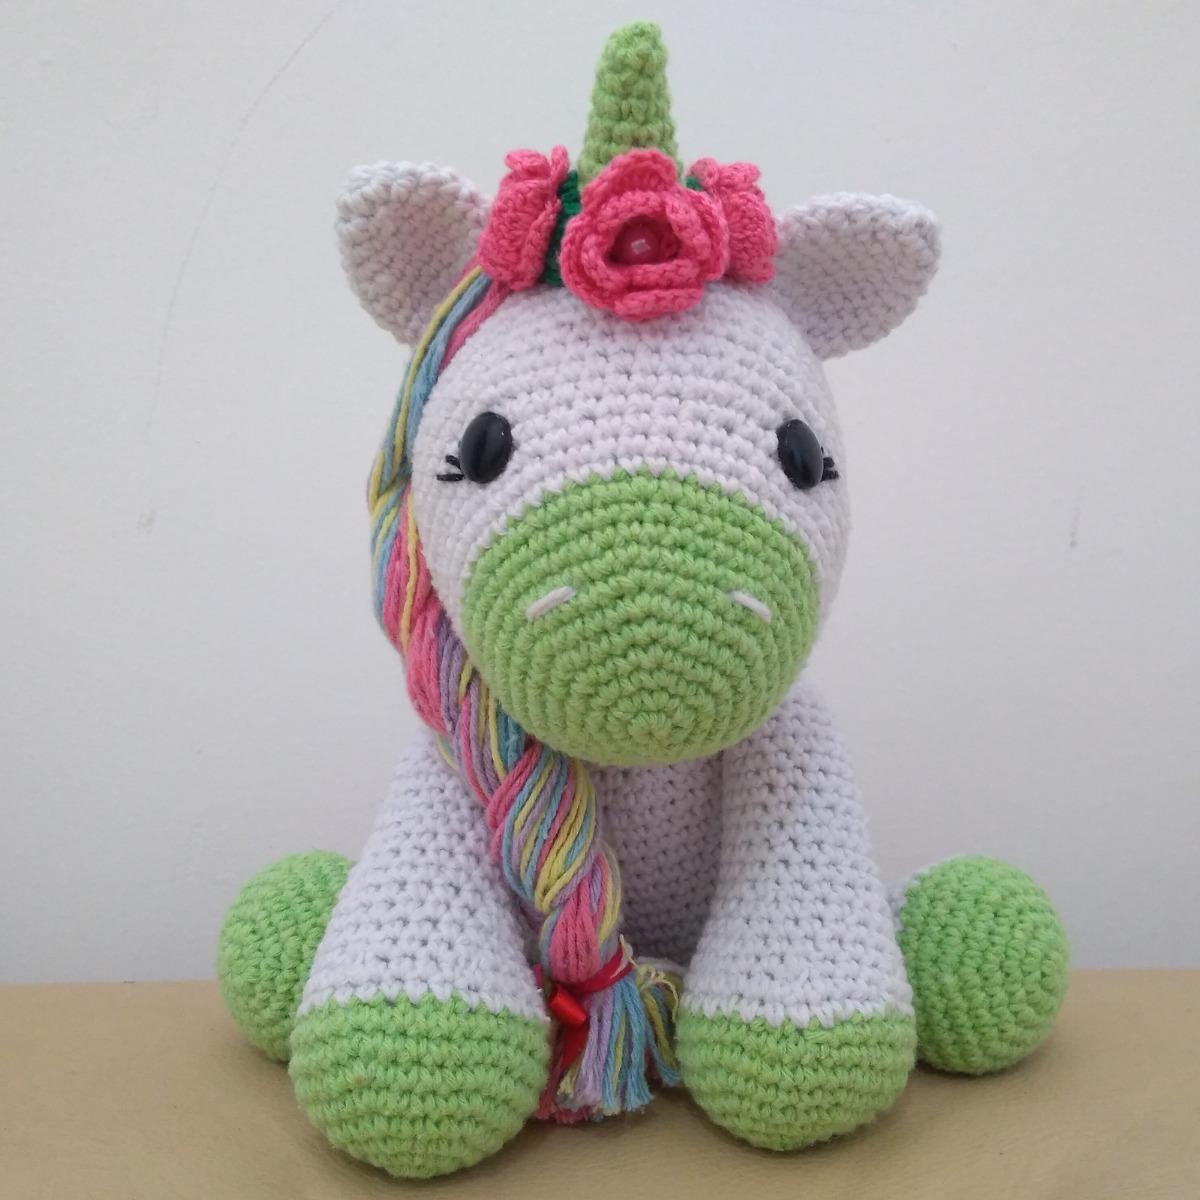 Unicornio Muñeco Peluche Tejido Crochet Amigurumi Sentado ... | 1200x1200